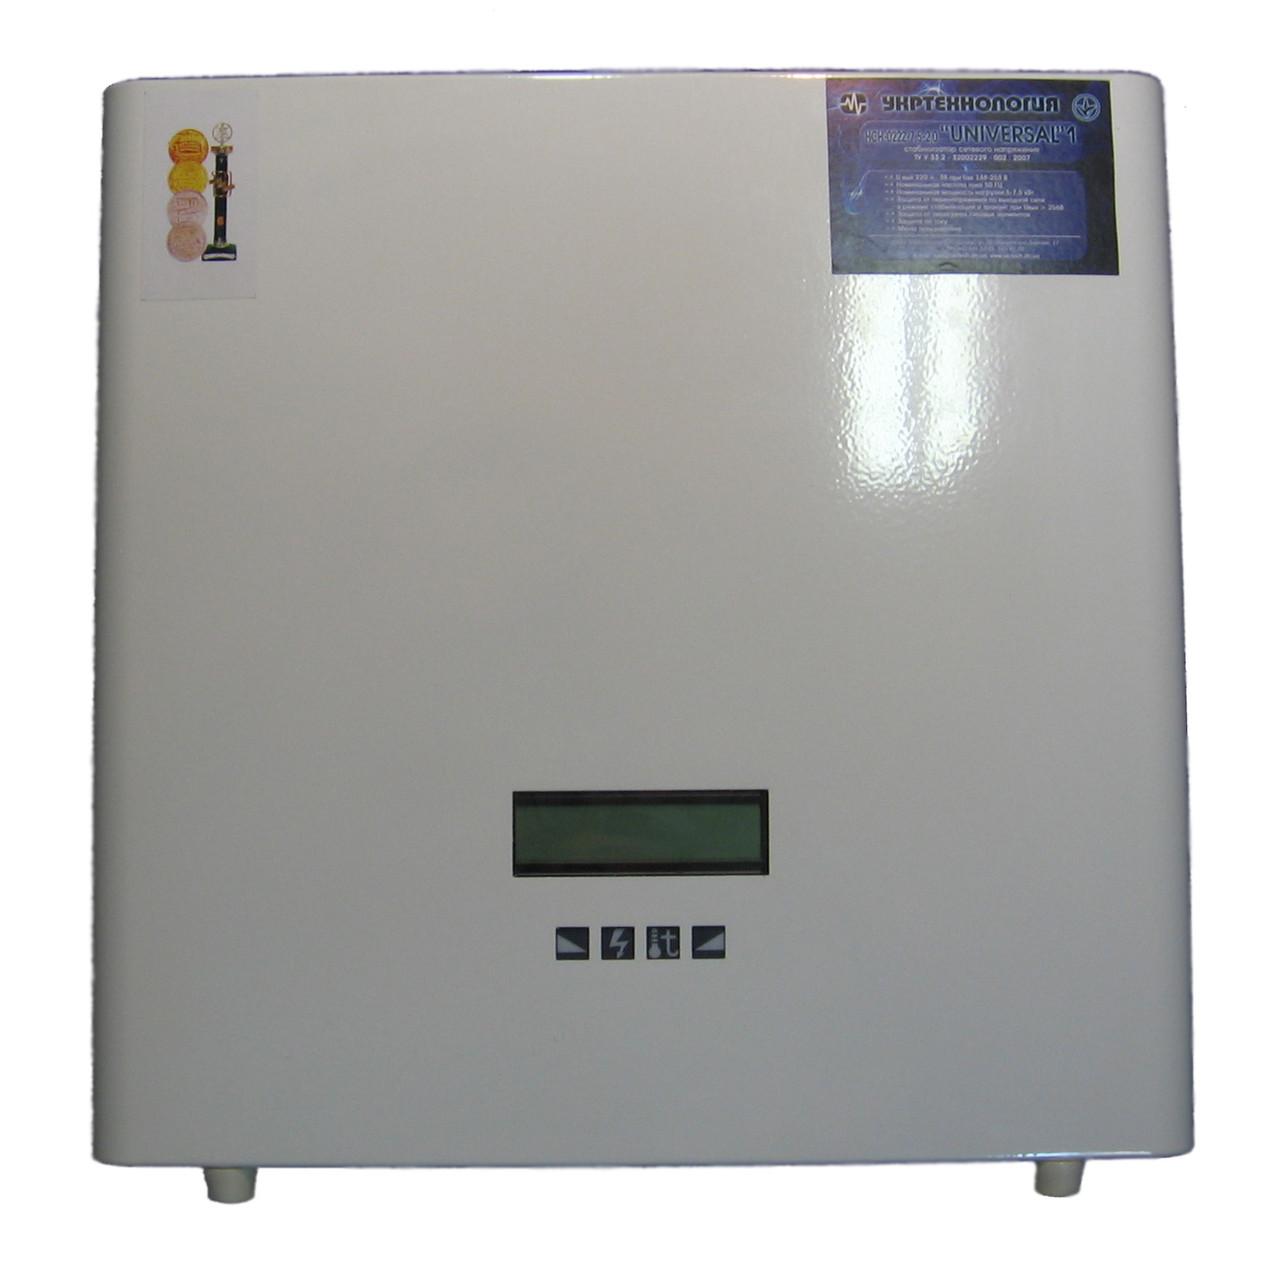 Однофазный стабилизатор напряжения НСН Universal 9000 (9 кВт)